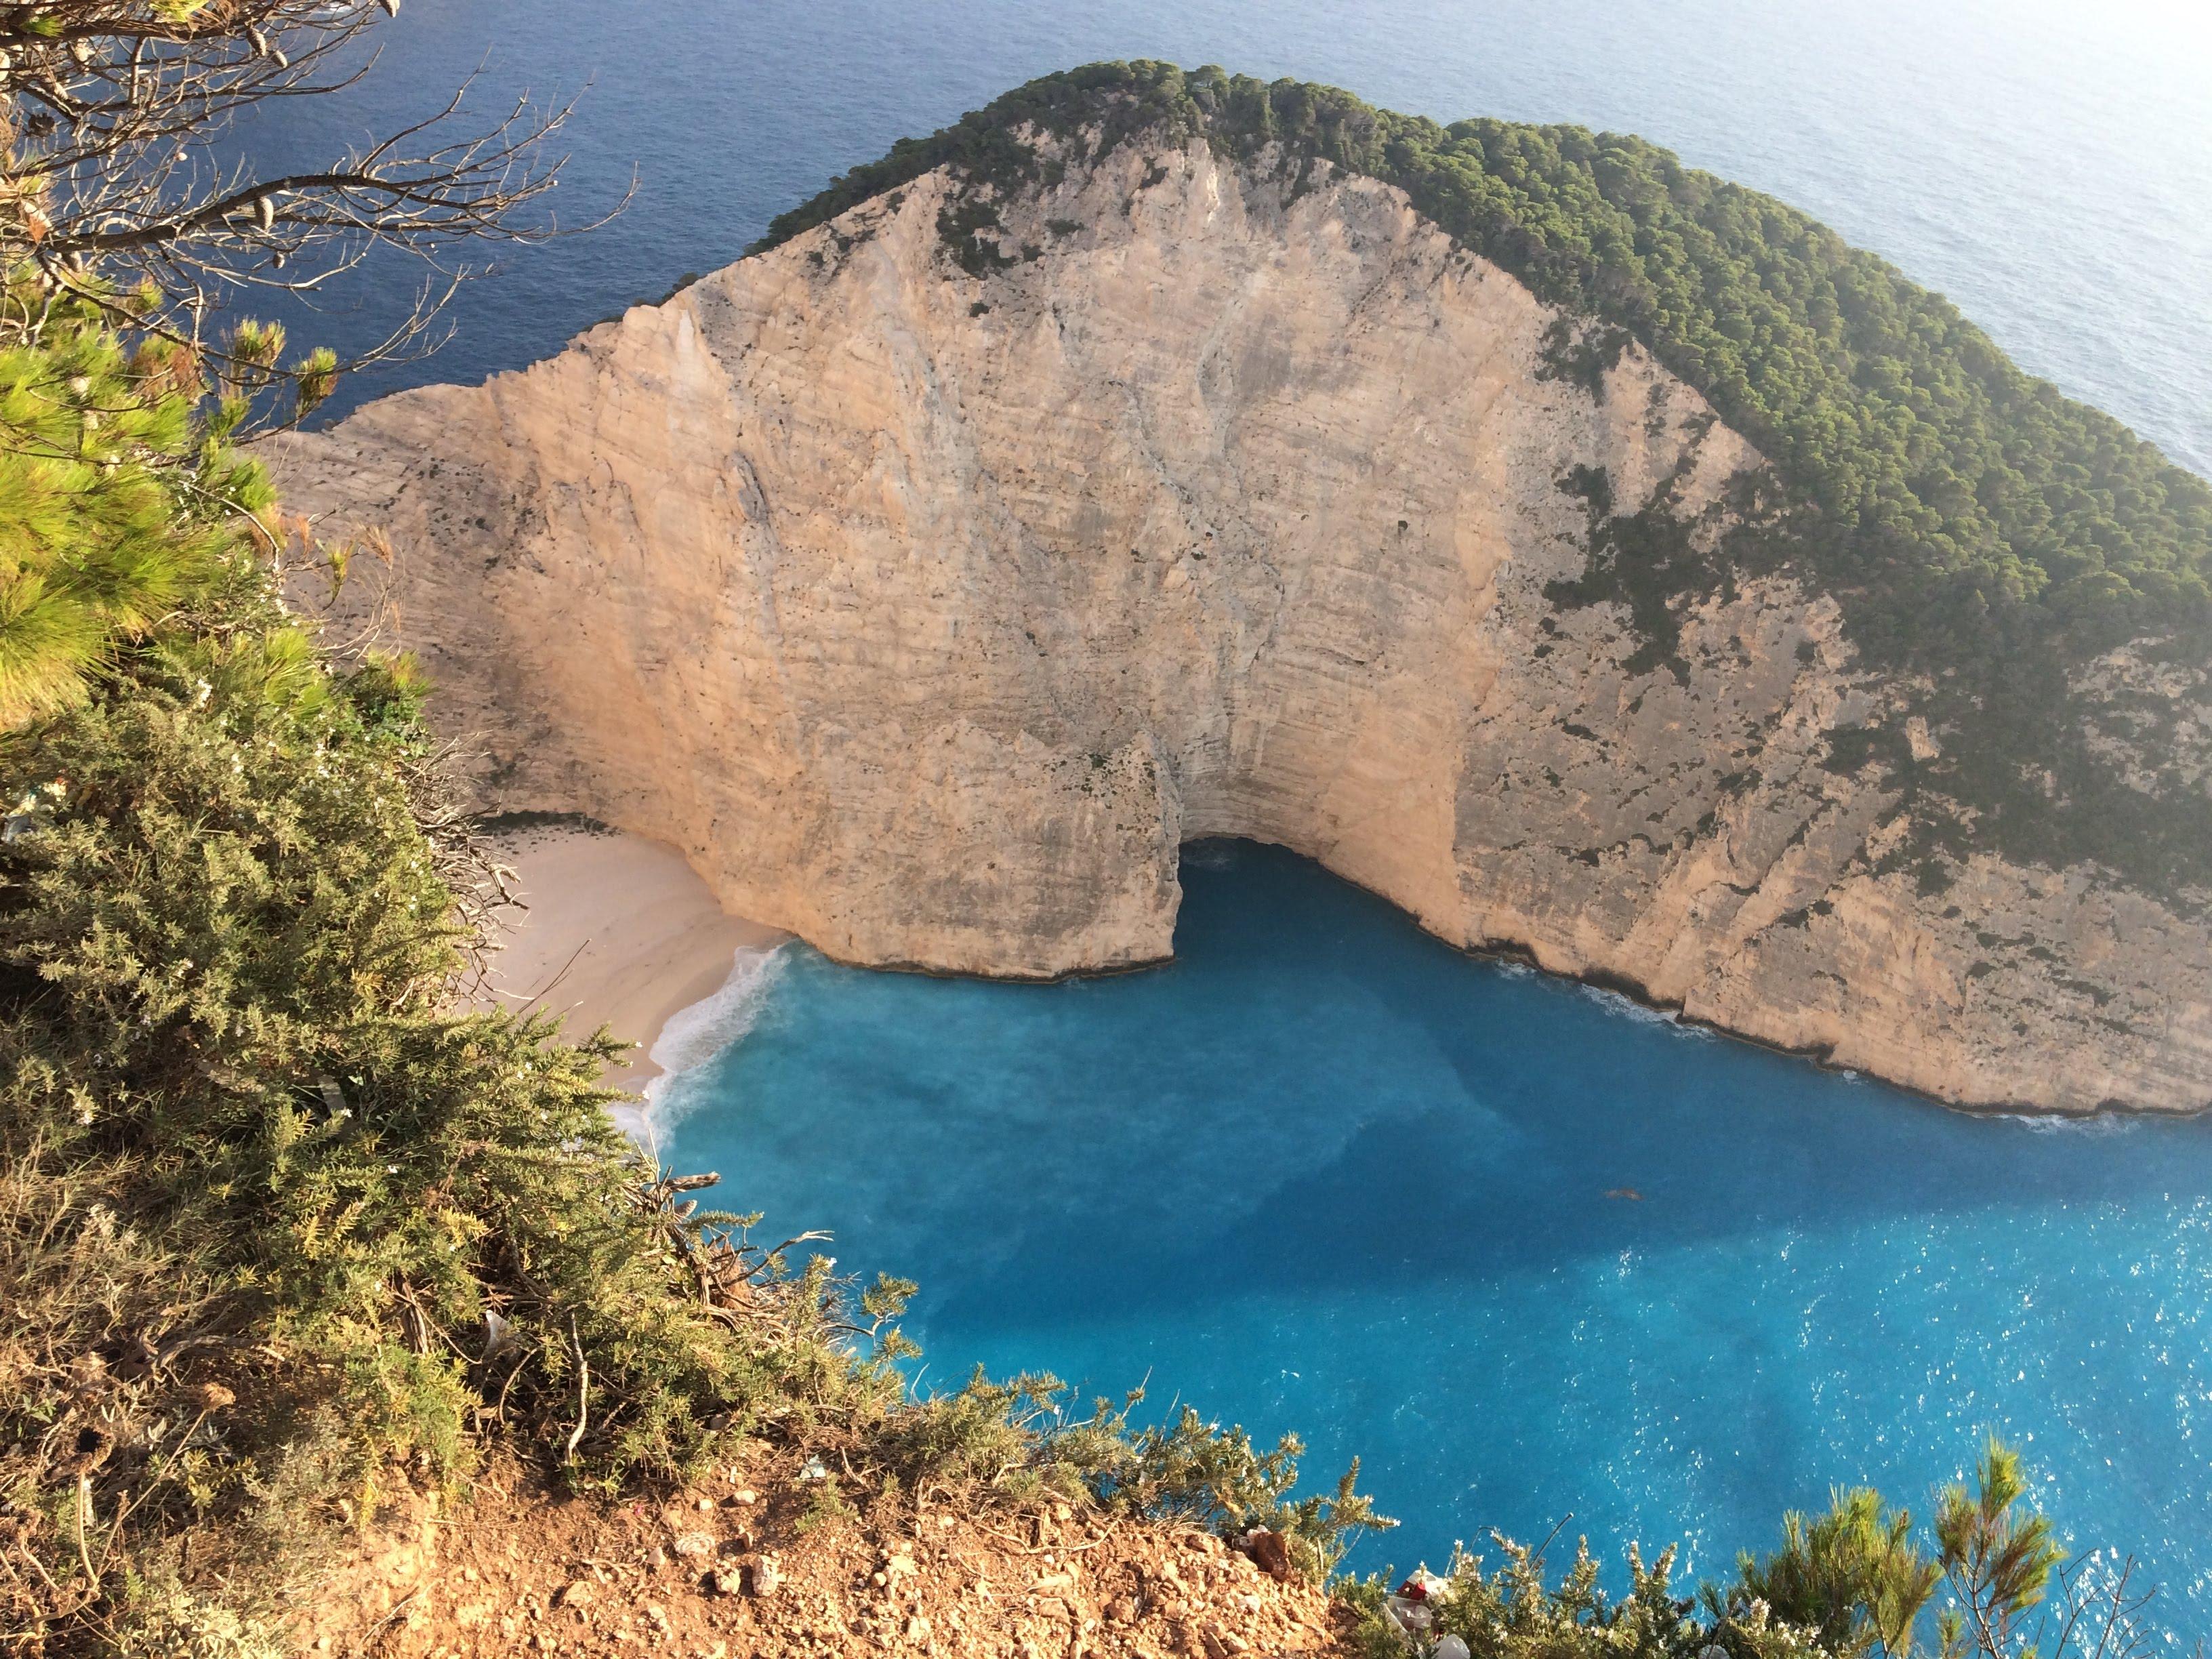 ギリシャ 旅行 観光 絶景 ジブリ 紅の豚